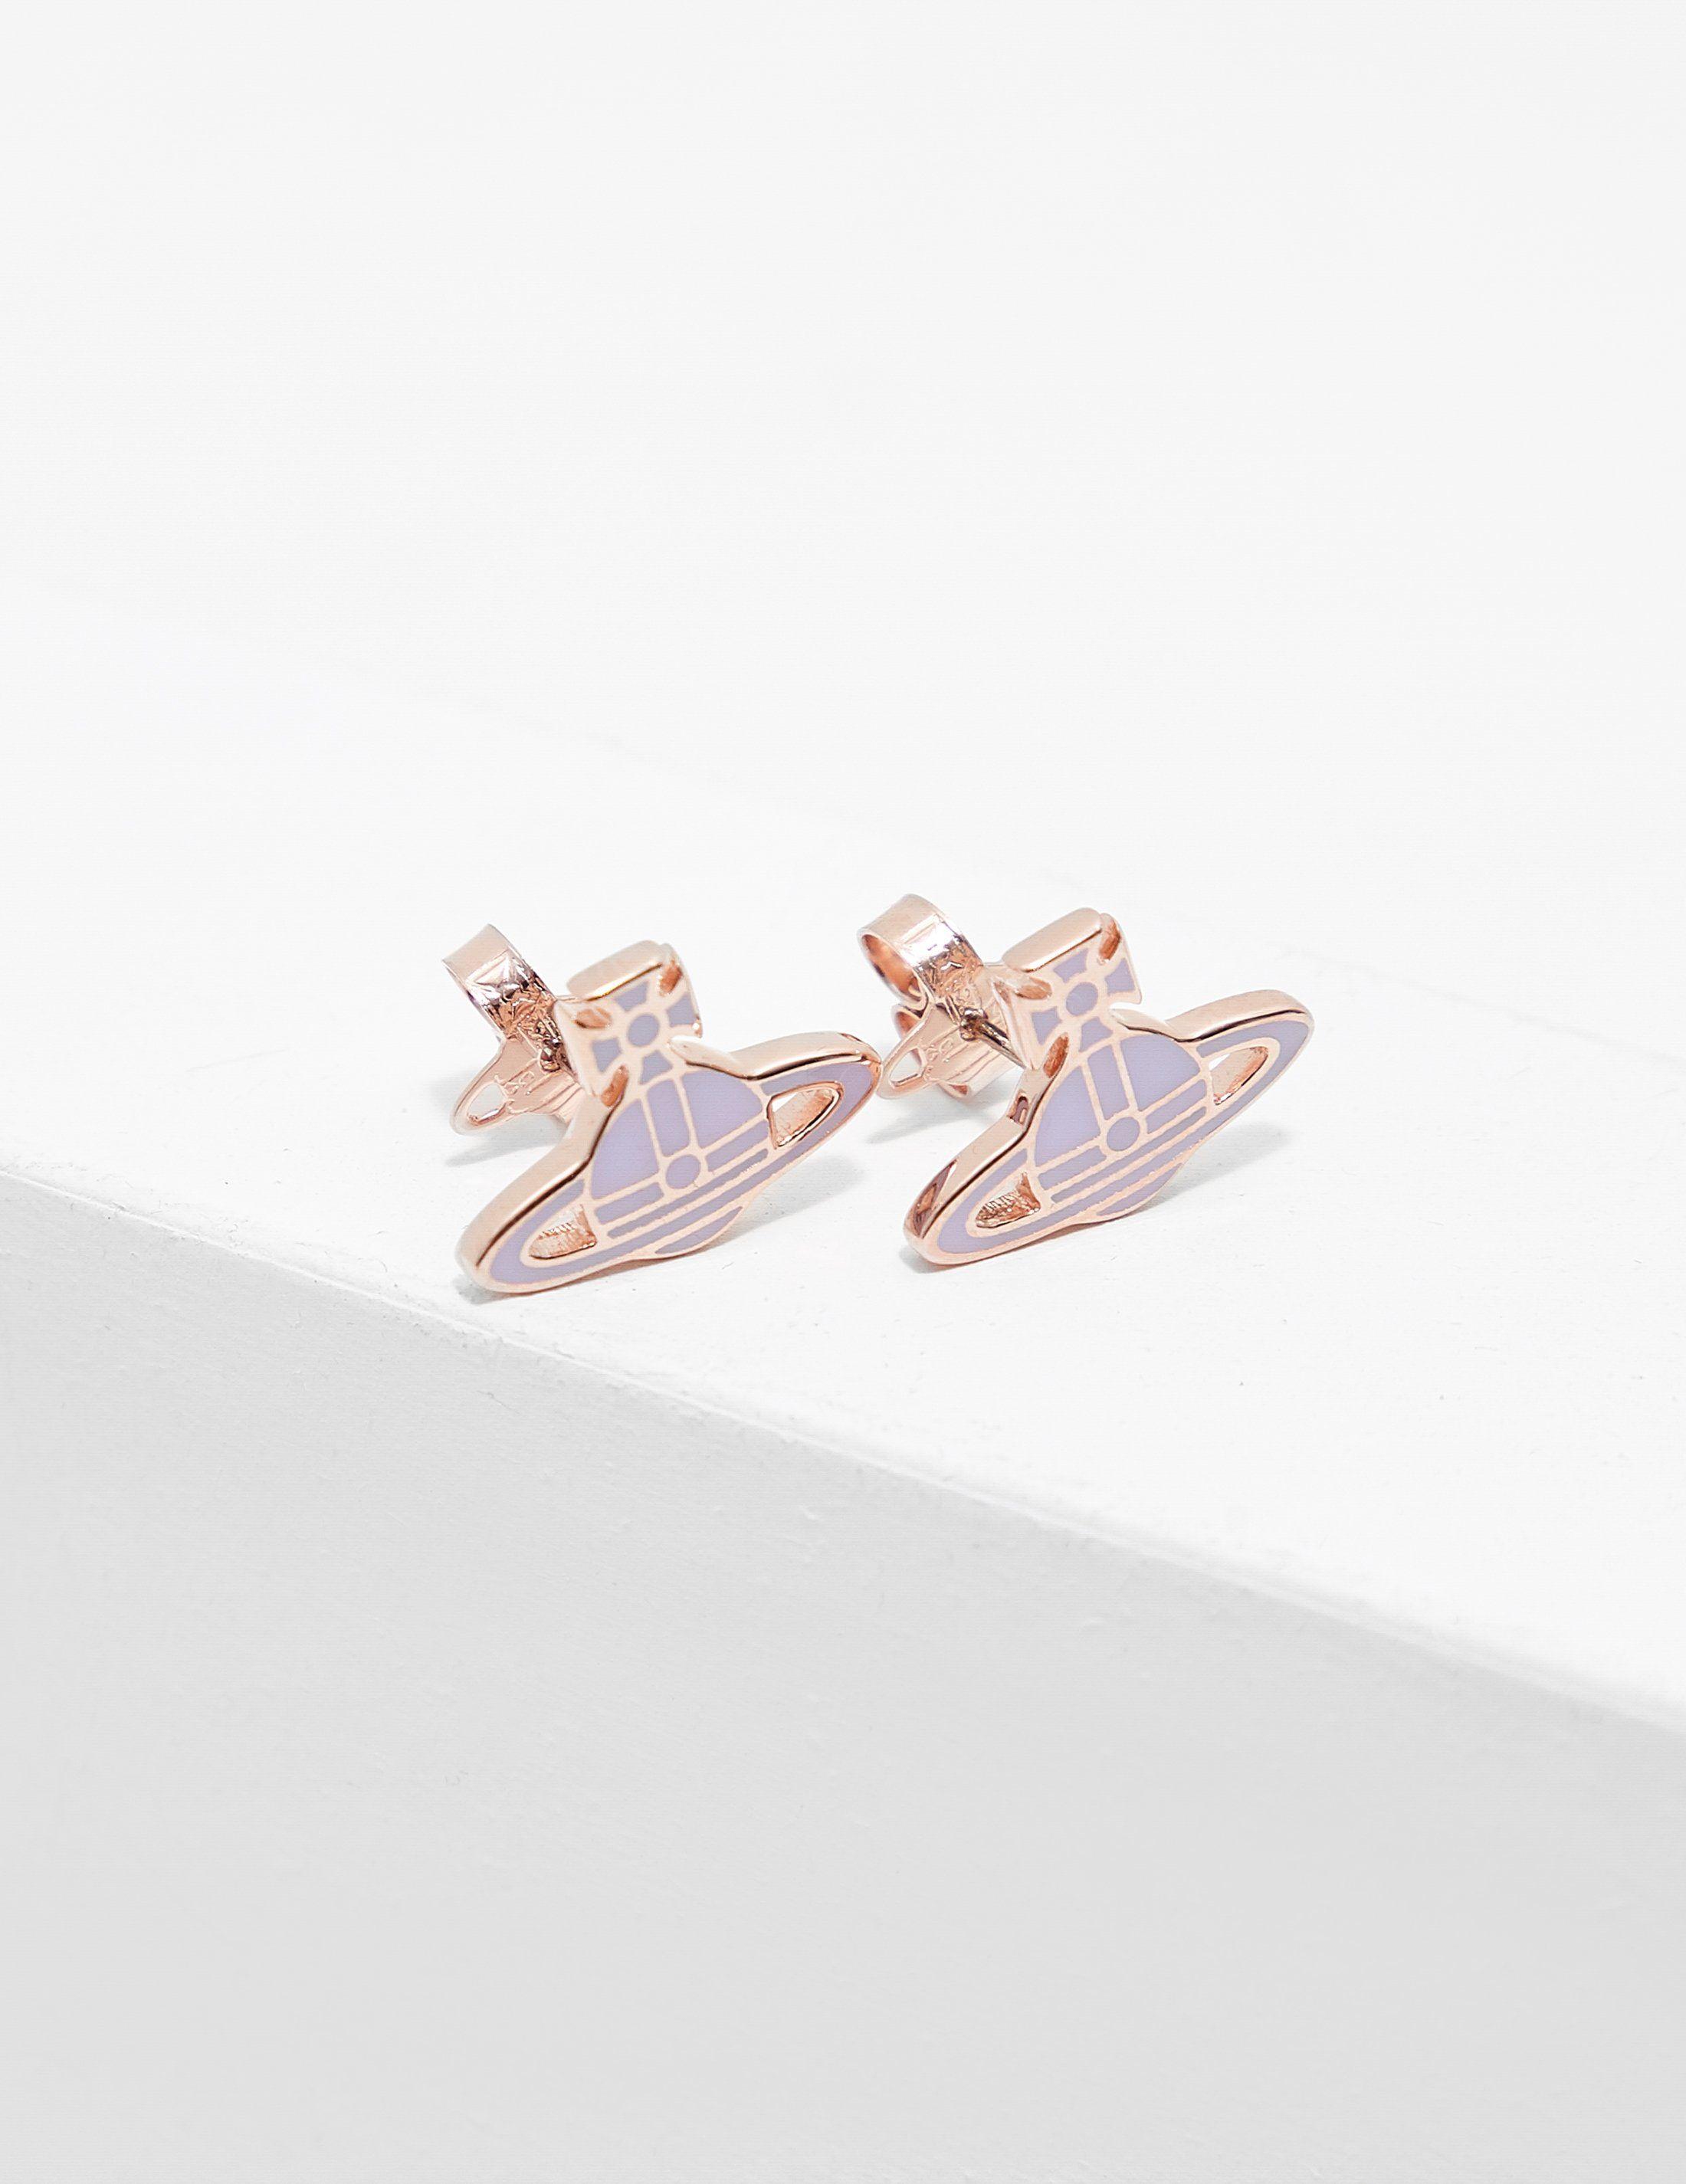 Vivienne Westwood Kate Earrings